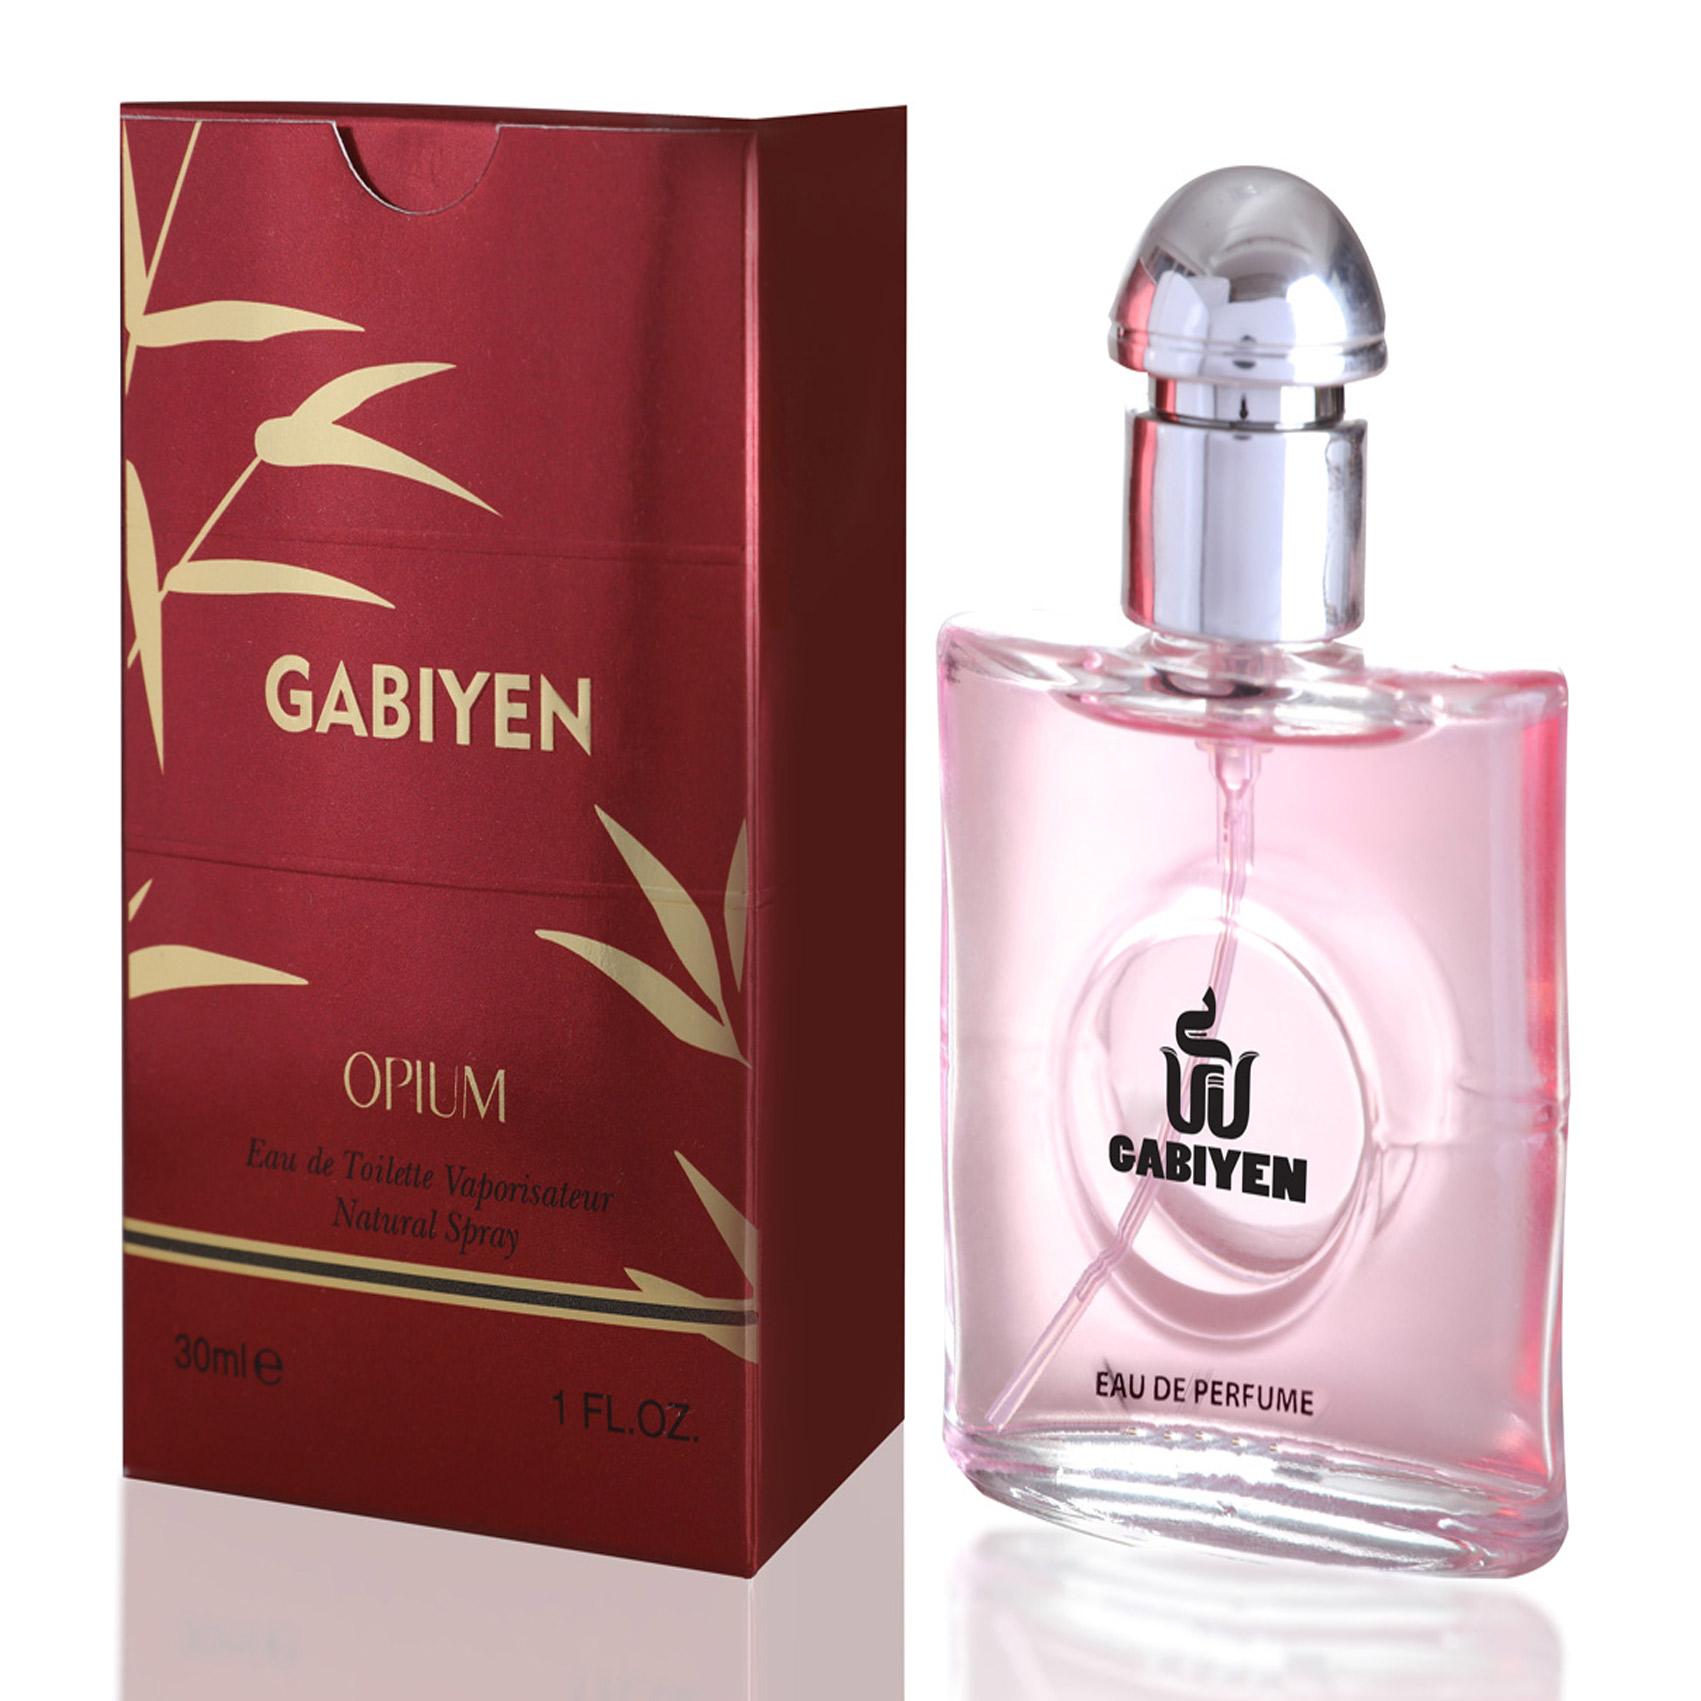 ادکلن  اورجینال Gabiyen opium